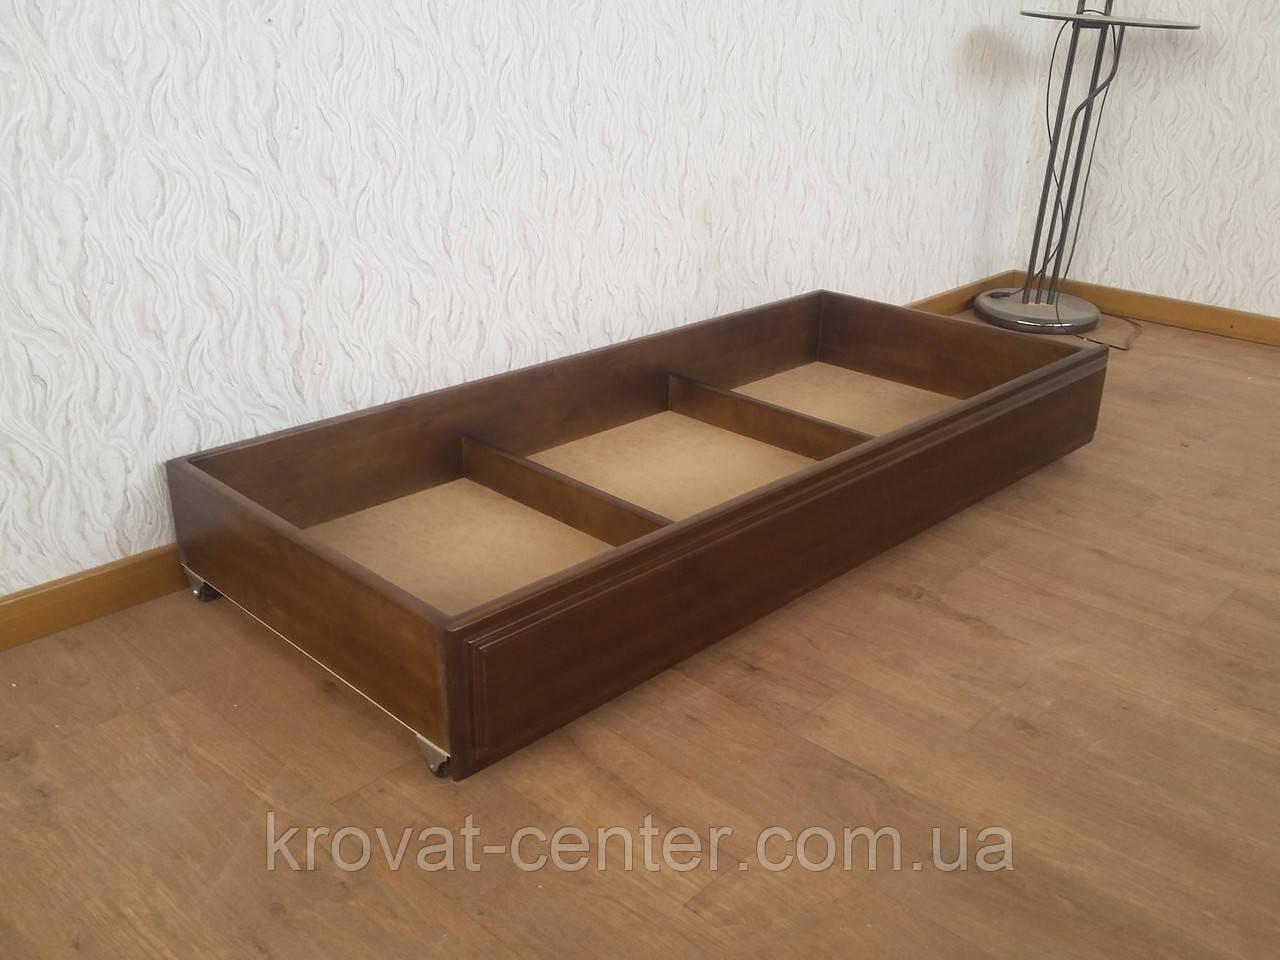 Подкроватный ящик на колесиках (длина 140 см)